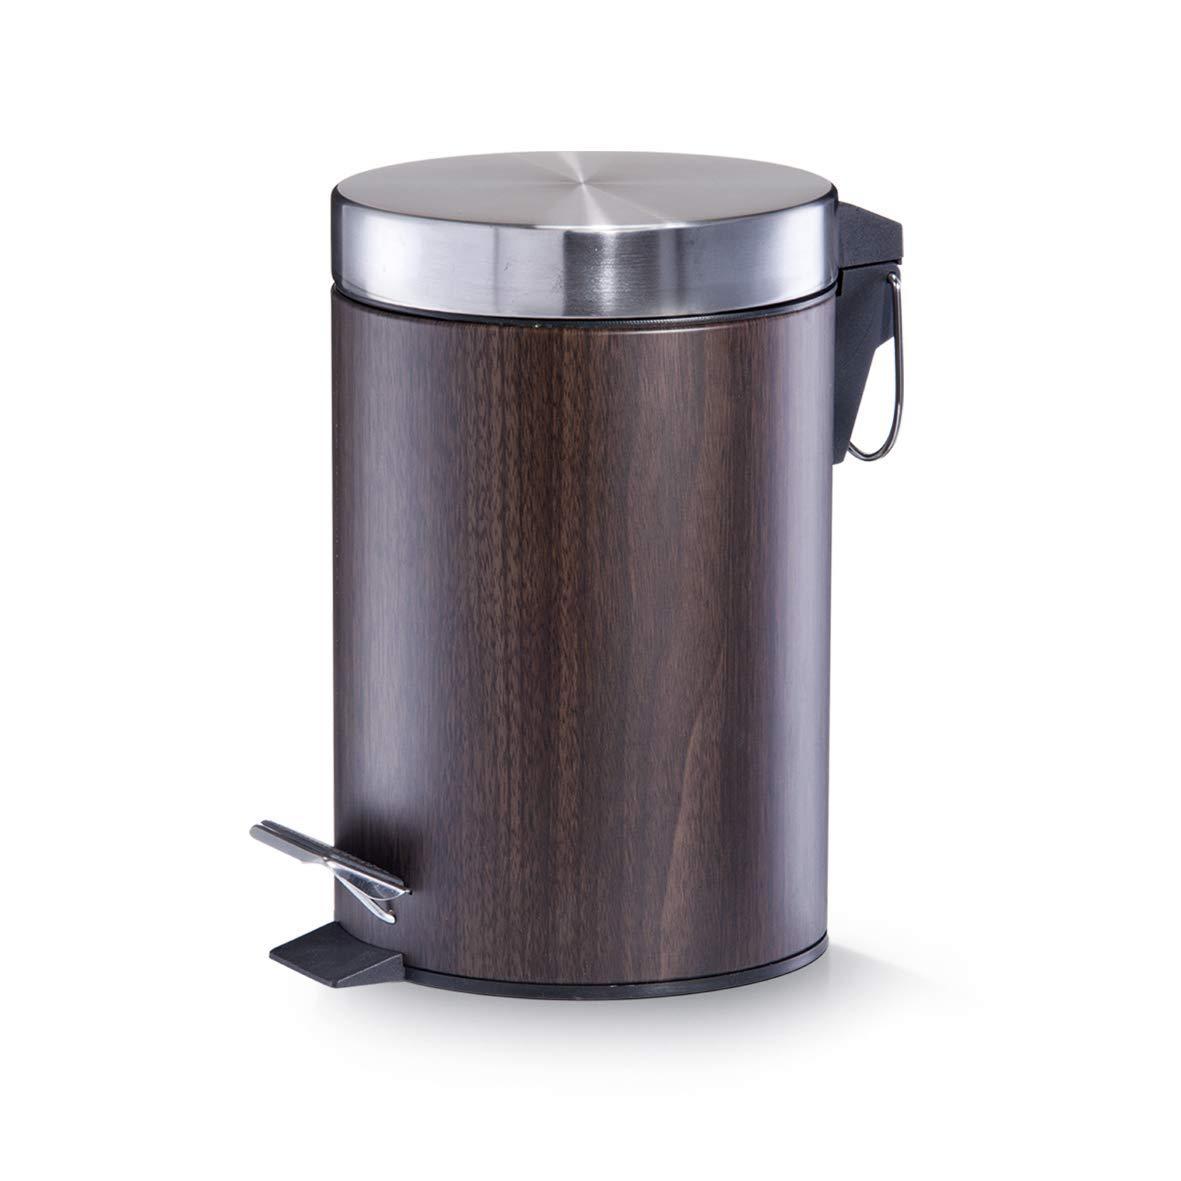 Zeller 18566 - Cubo de basura con pedal, ø17 cm, altura 26 cm, 3 litros, color madera de nogal: Amazon.es: Hogar